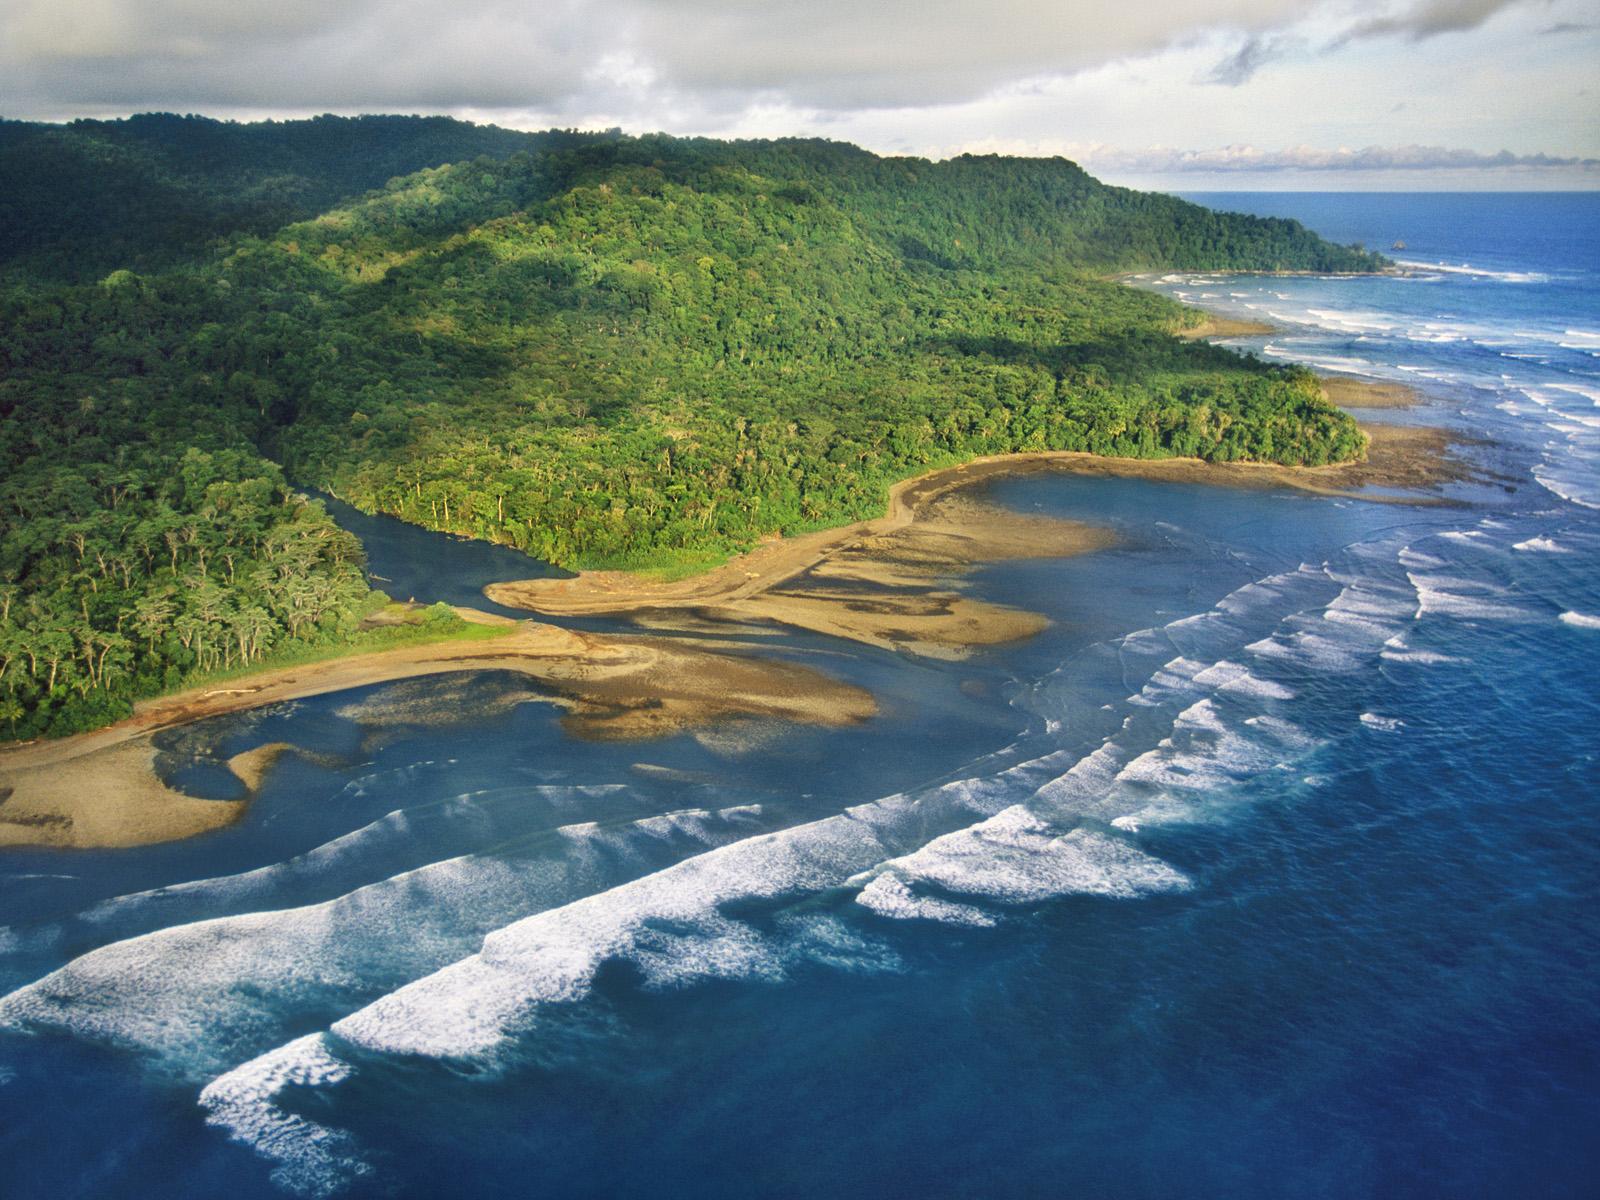 Vakantie Costa Rica De Mooiste Stranden En Leukste